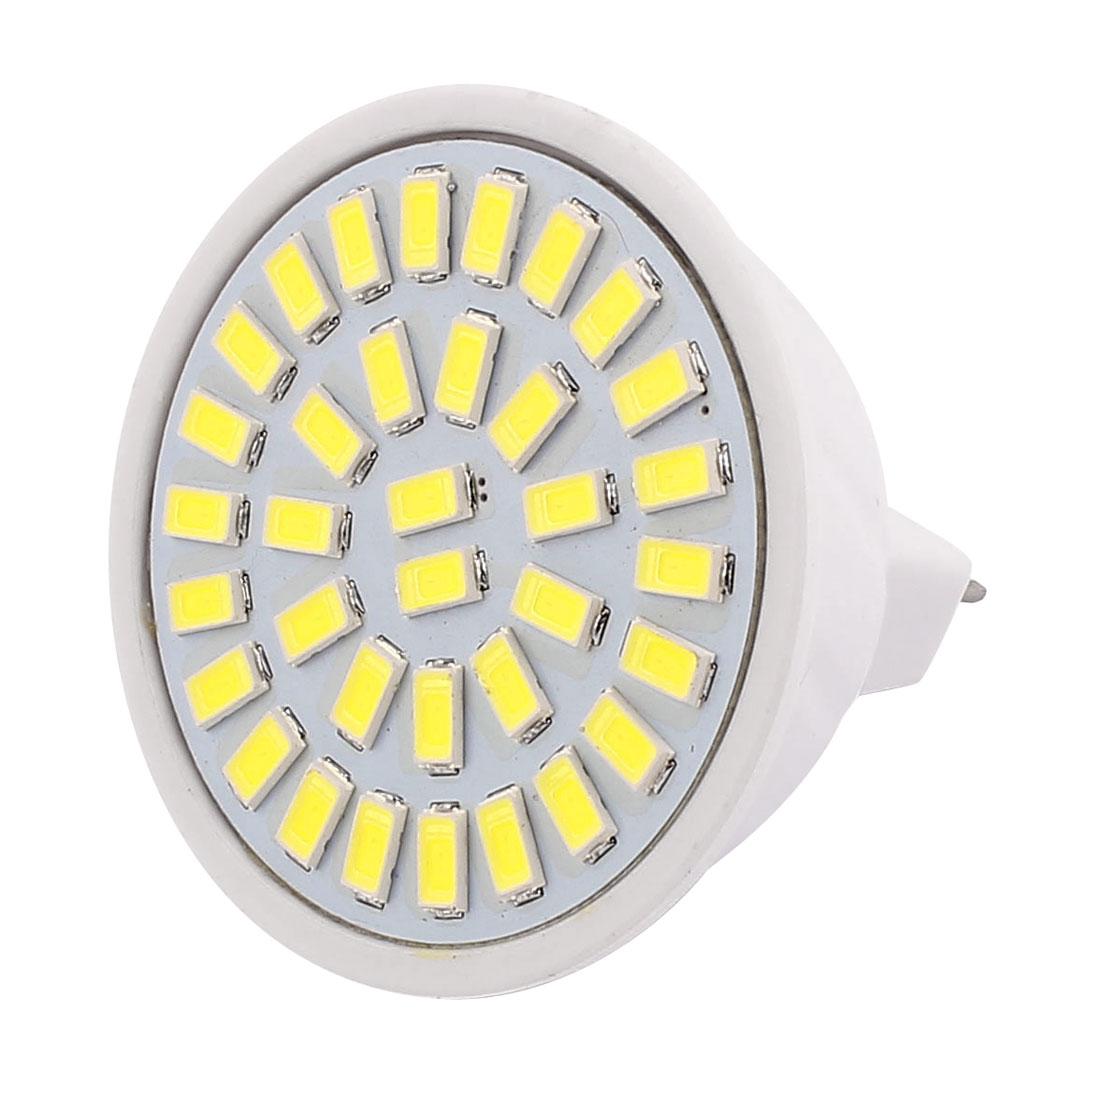 220V 5W MR16 5730 SMD 35 LEDs LED Bulb Light Spotlight Lamp Lighting White